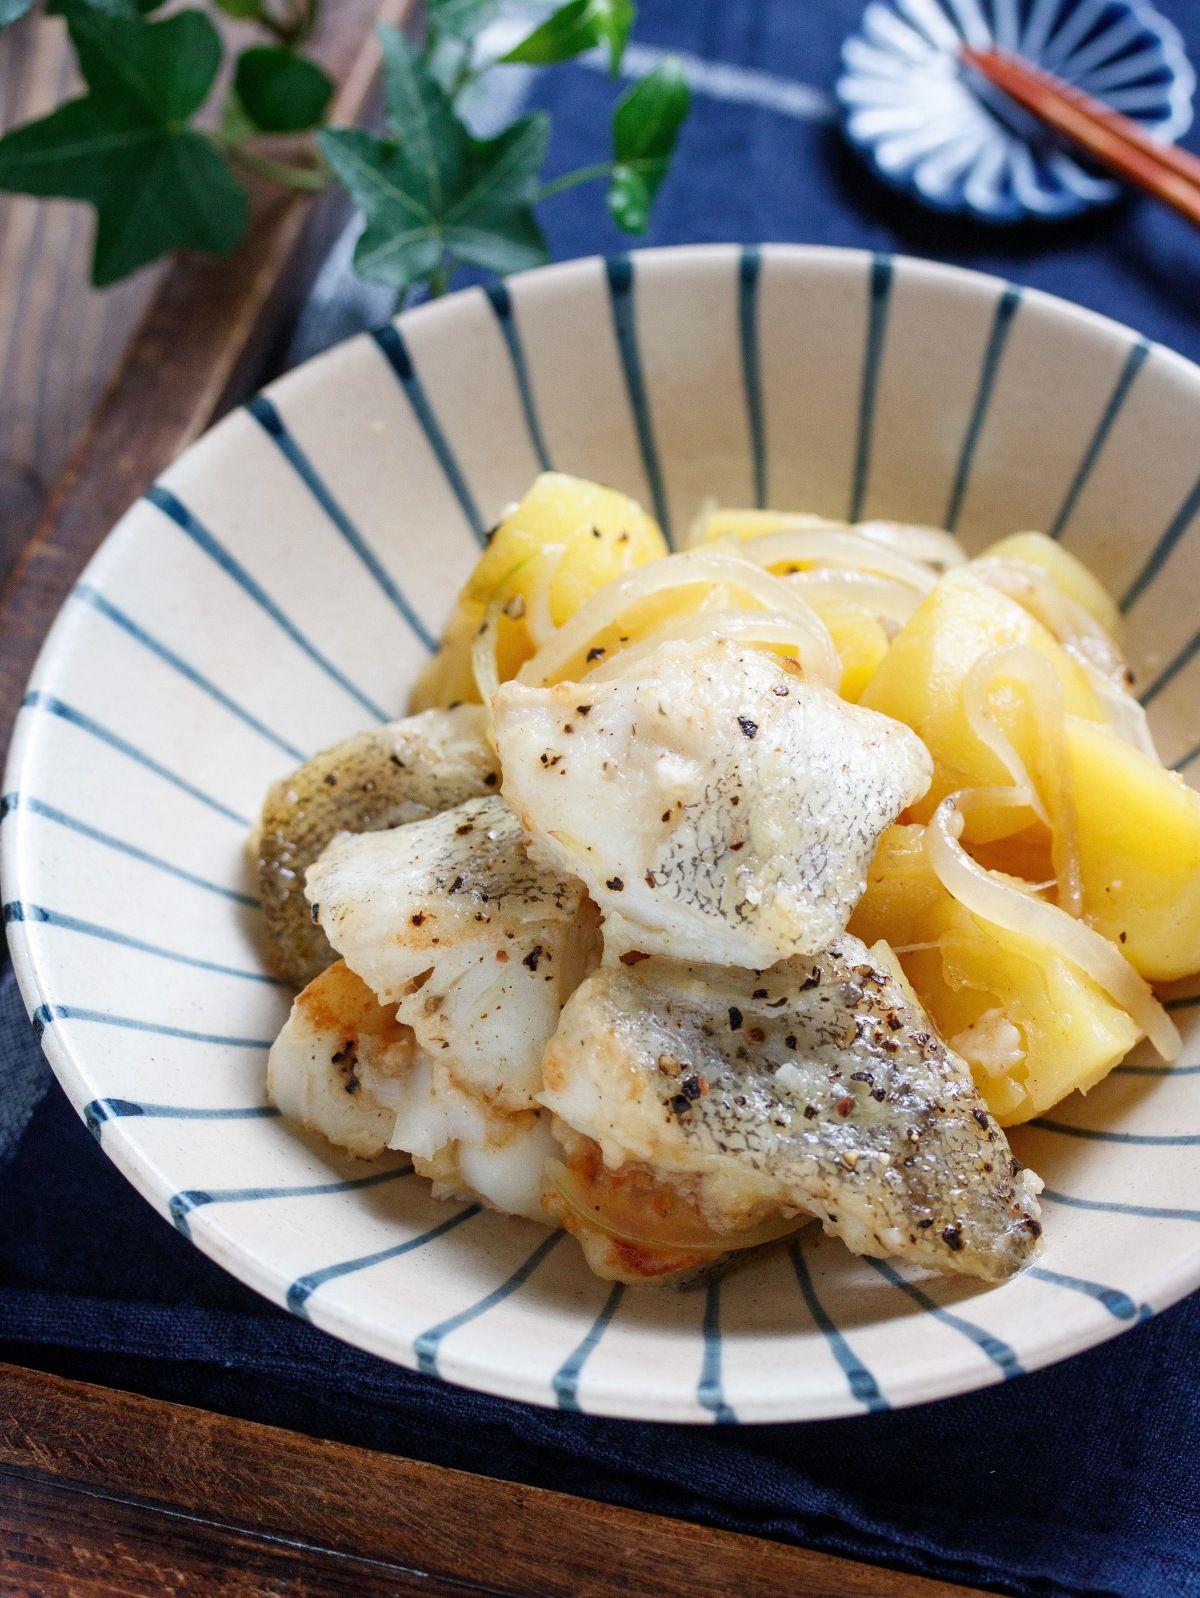 タラとじゃがいものコンソメバター蒸し 簡単 時短 by yuu レシピサイト nadia ナディア プロの料理家のおいしいレシピ レシピ レシピ 食べ物のアイデア じゃがいも